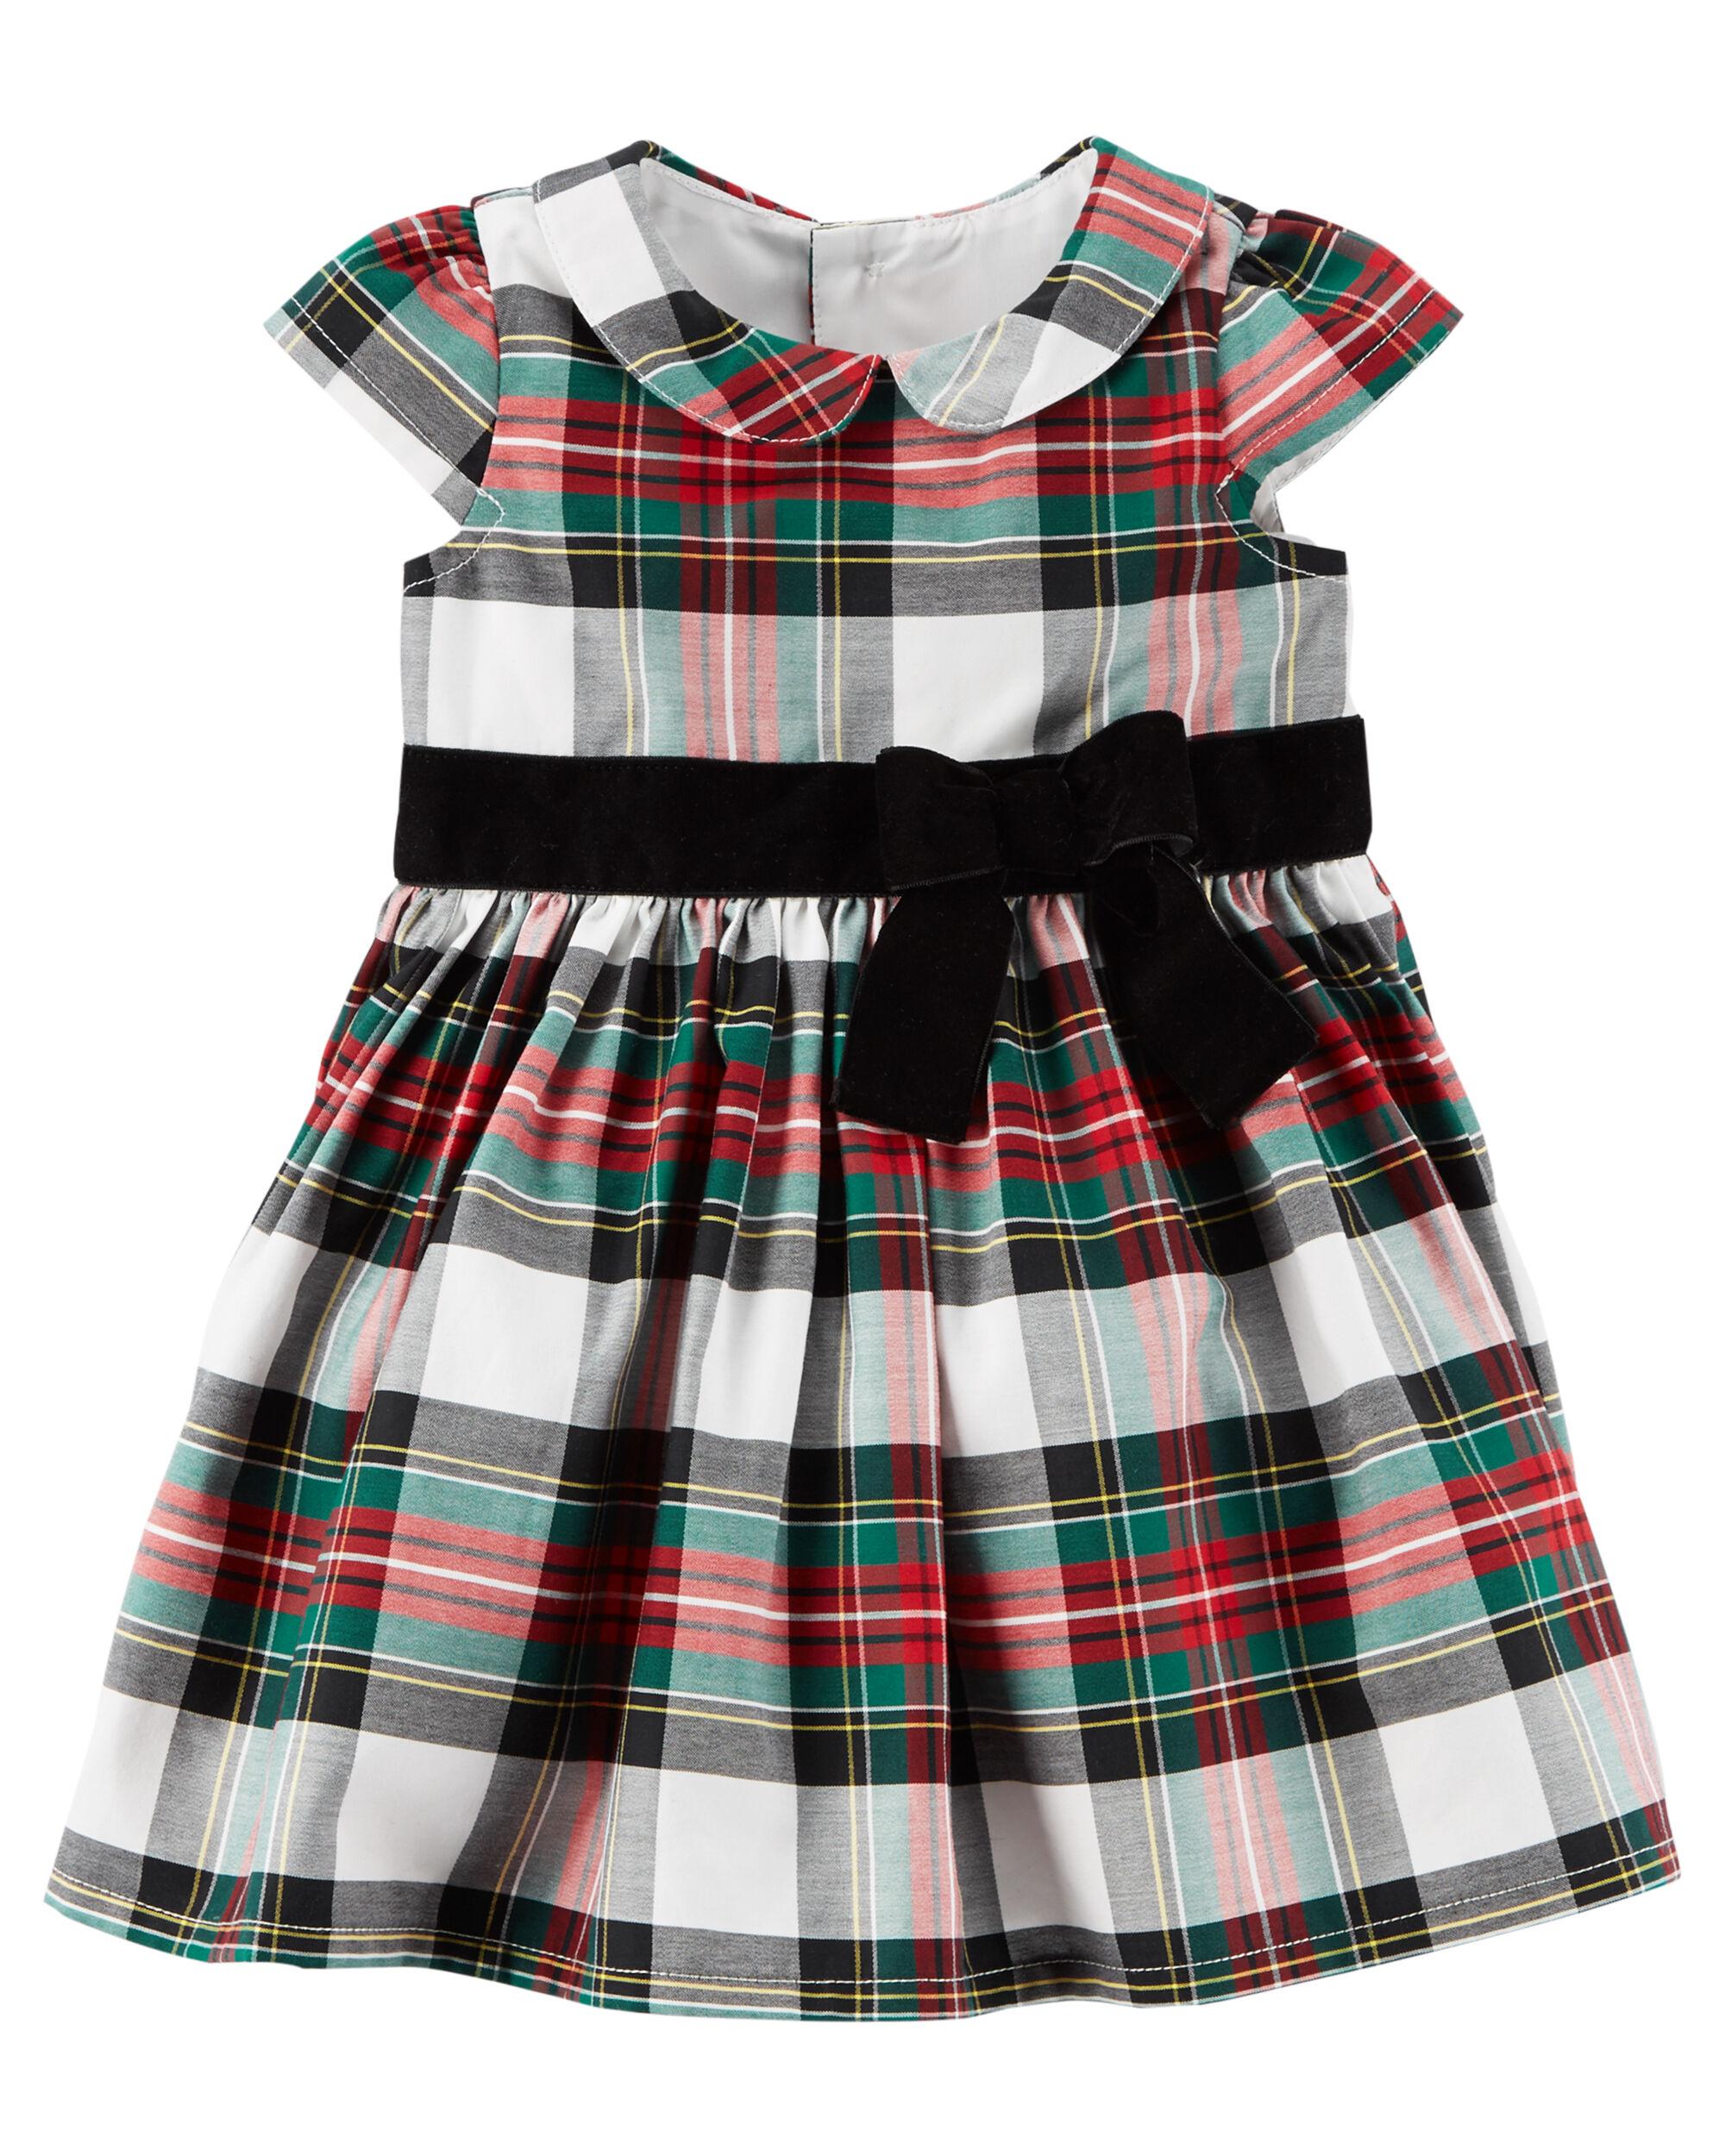 Plaid Holiday Dress ...  sc 1 st  Carteru0027s & Plaid Holiday Dress | Carters.com